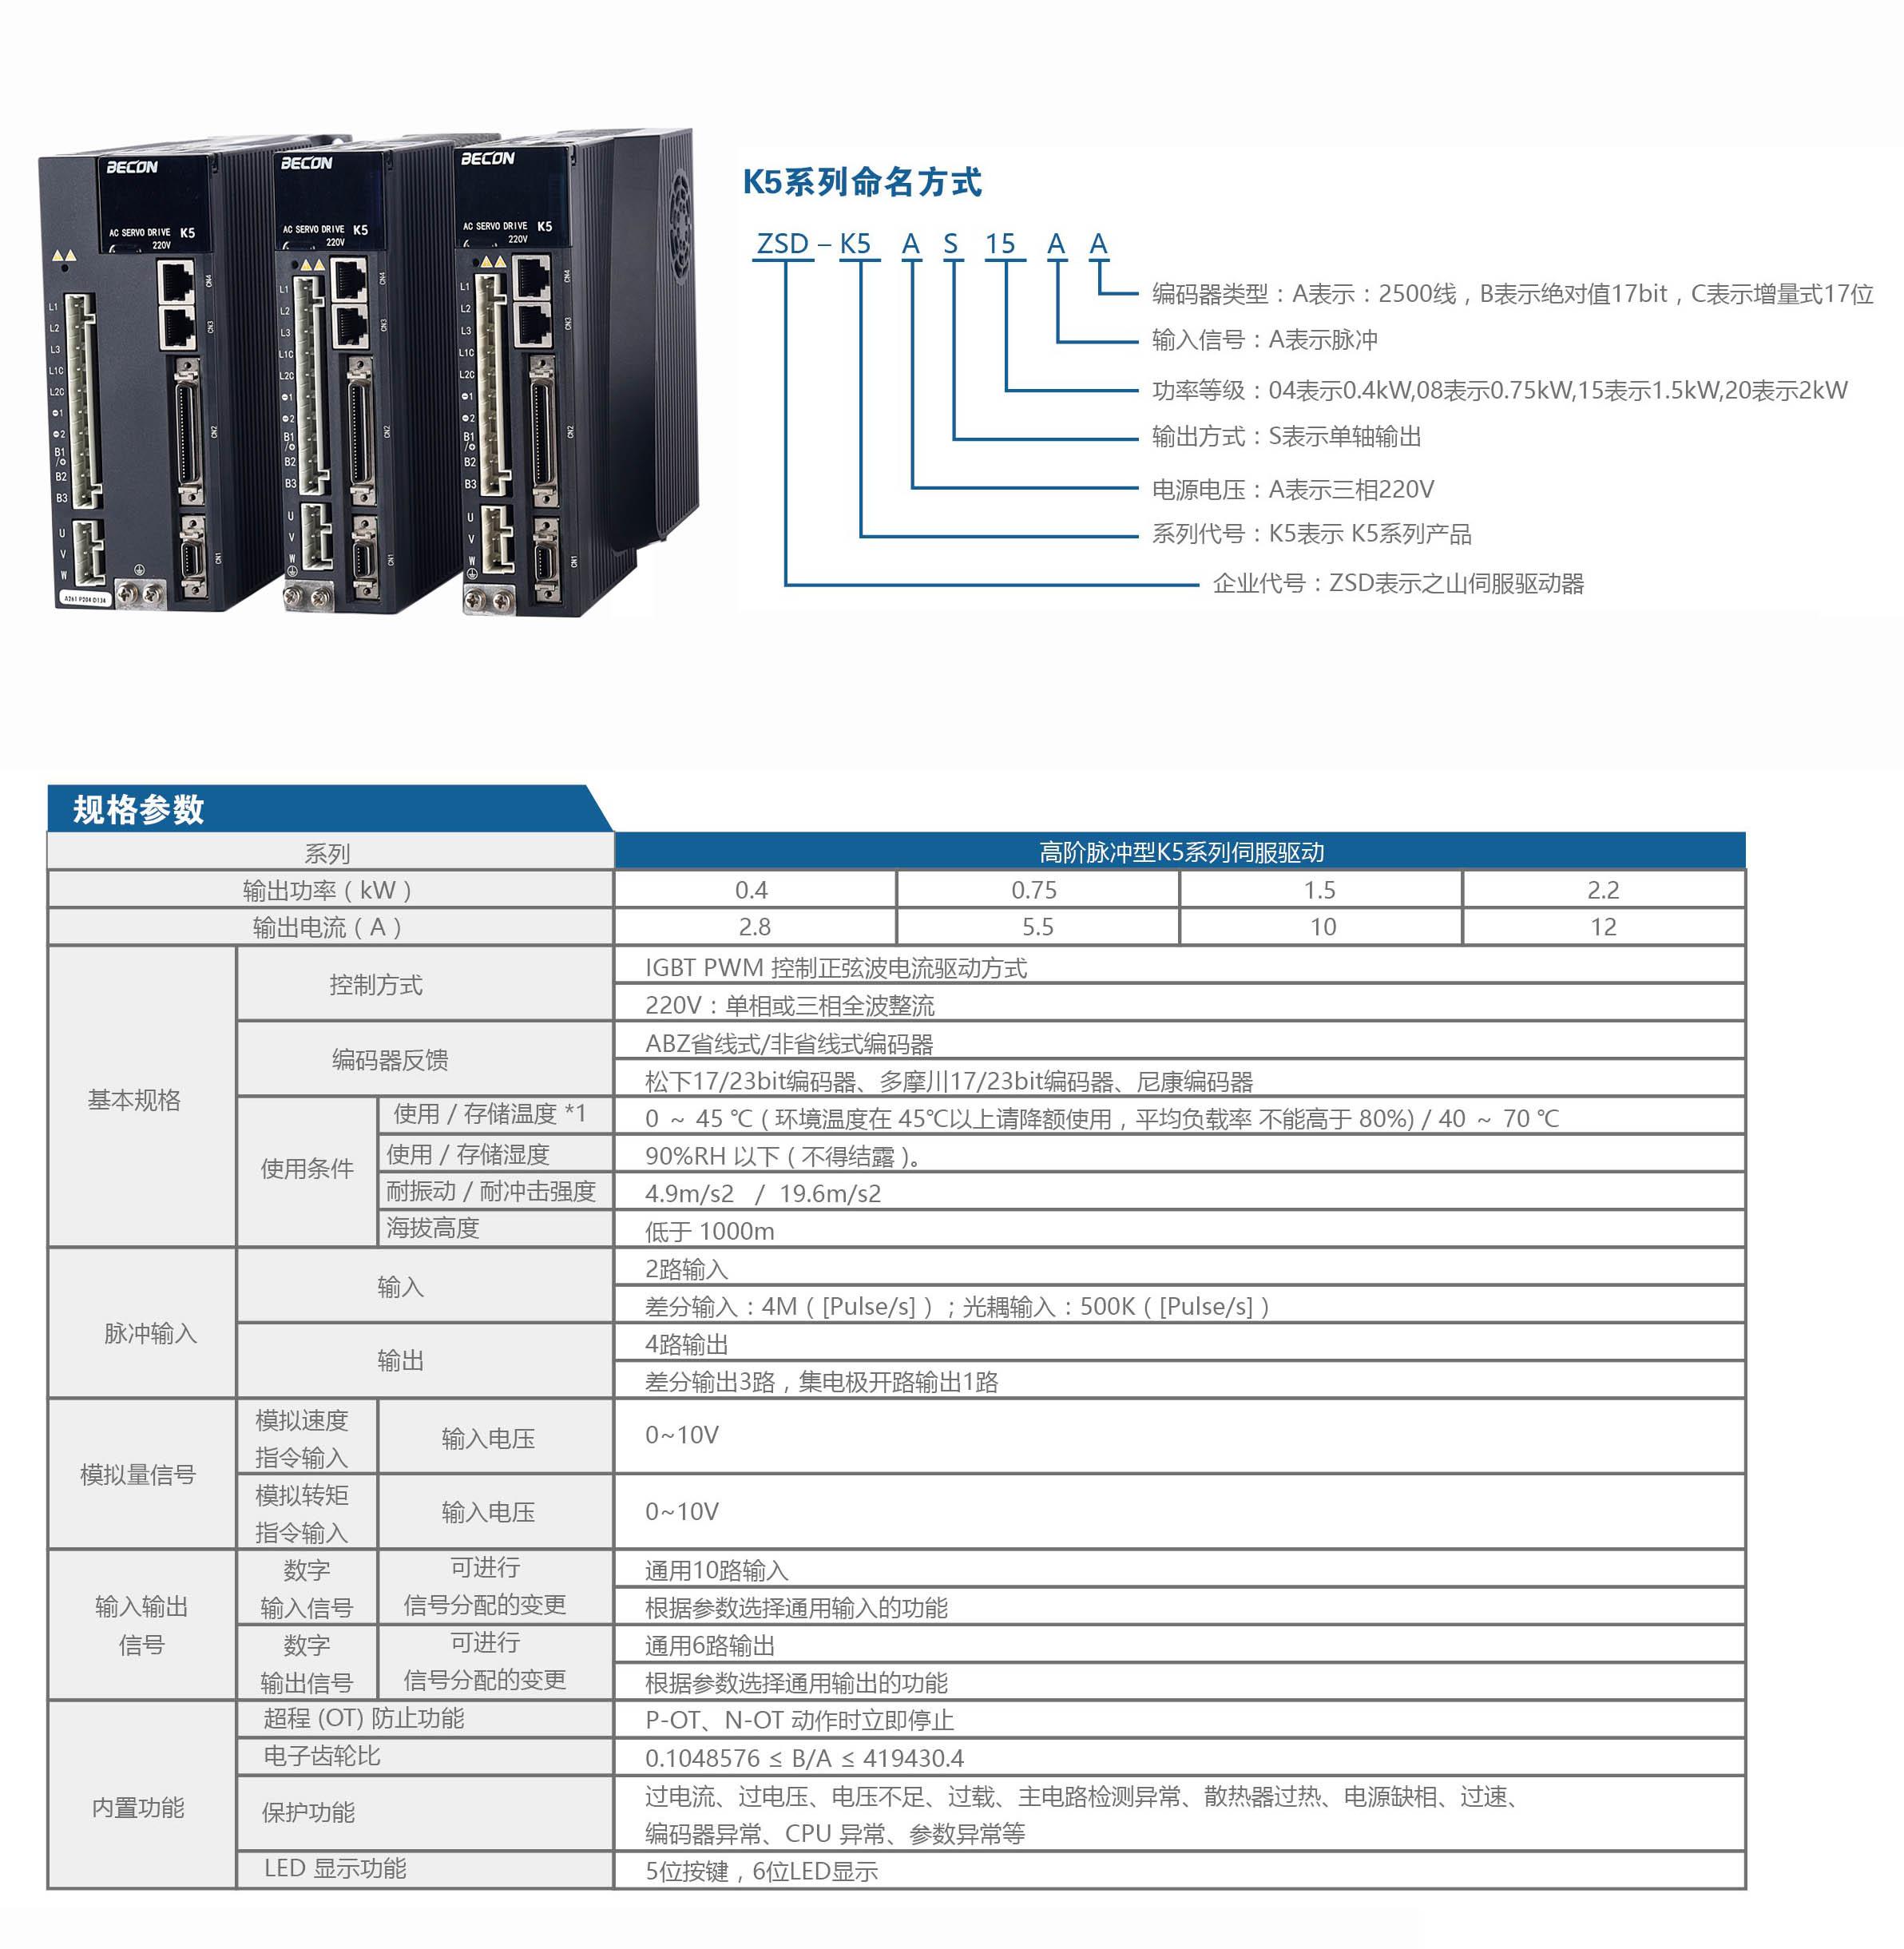 高阶脉冲型K5系列伺服驱动器.jpg